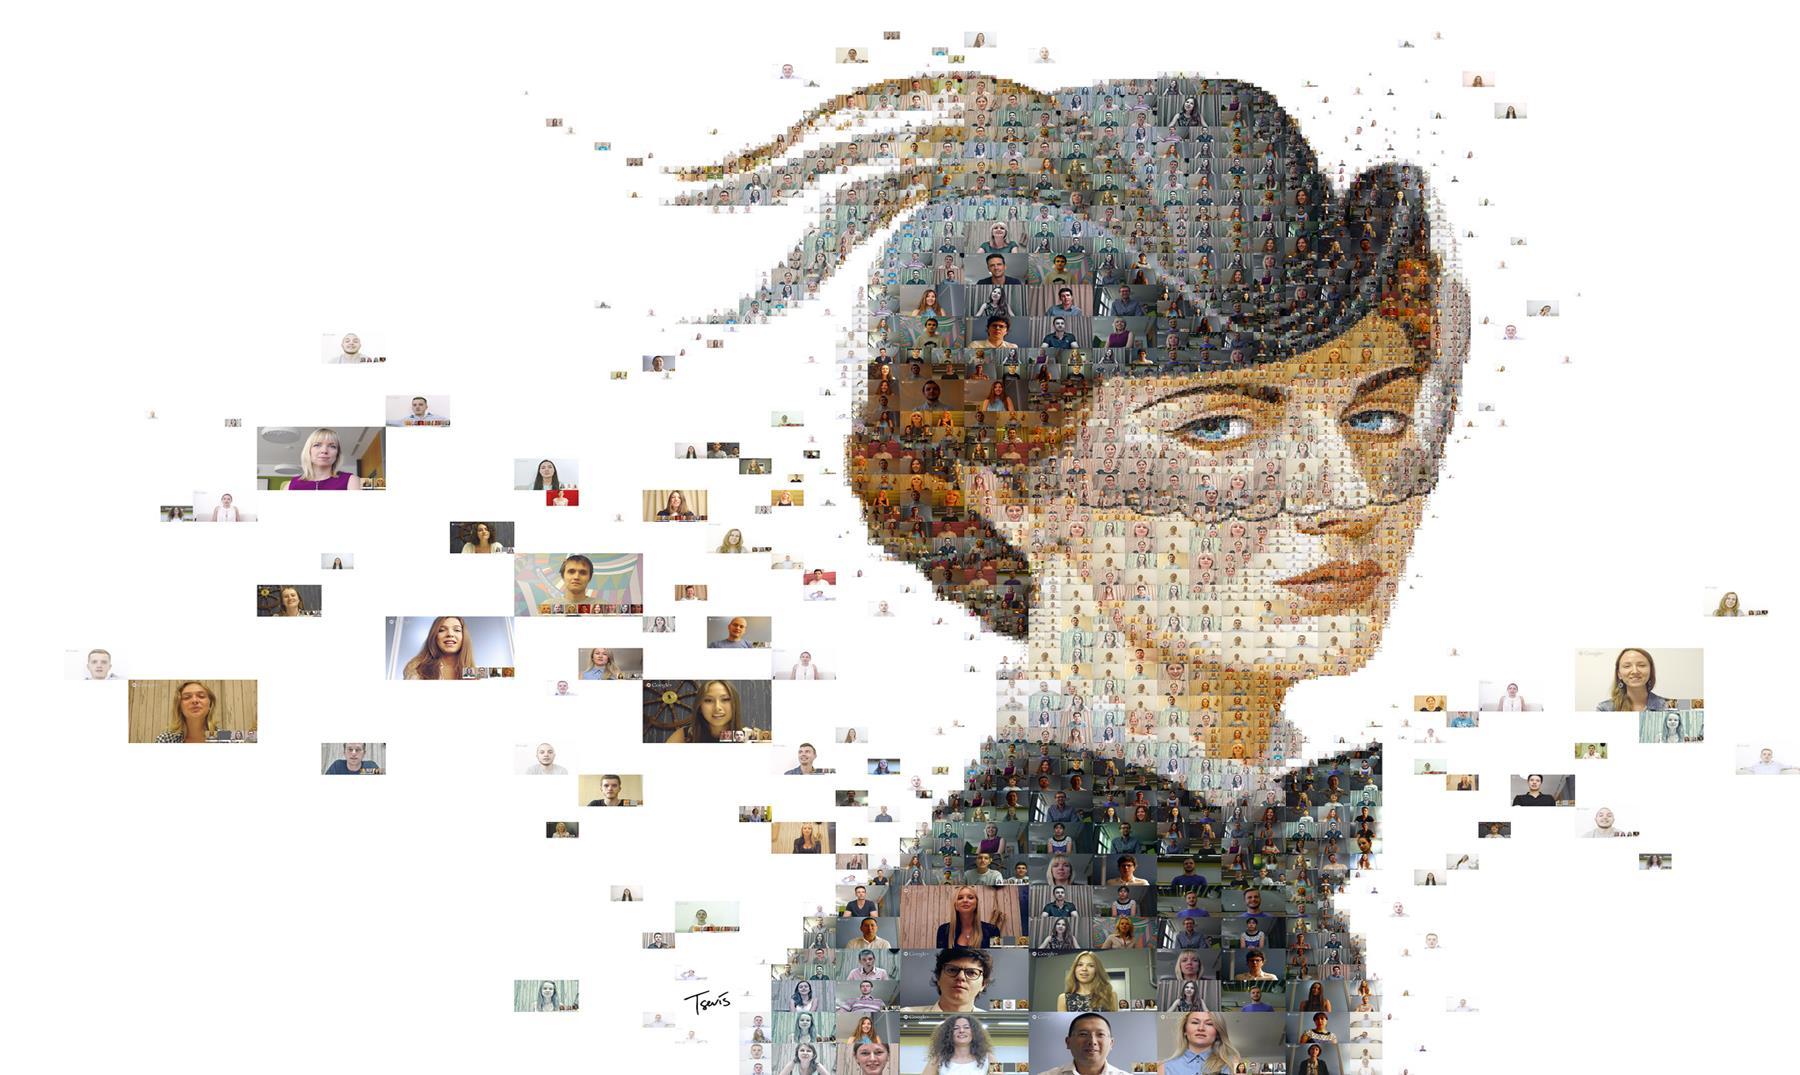 Síndrome de Anna Karenina, el amor que destruye. ¿Lo has vivido?